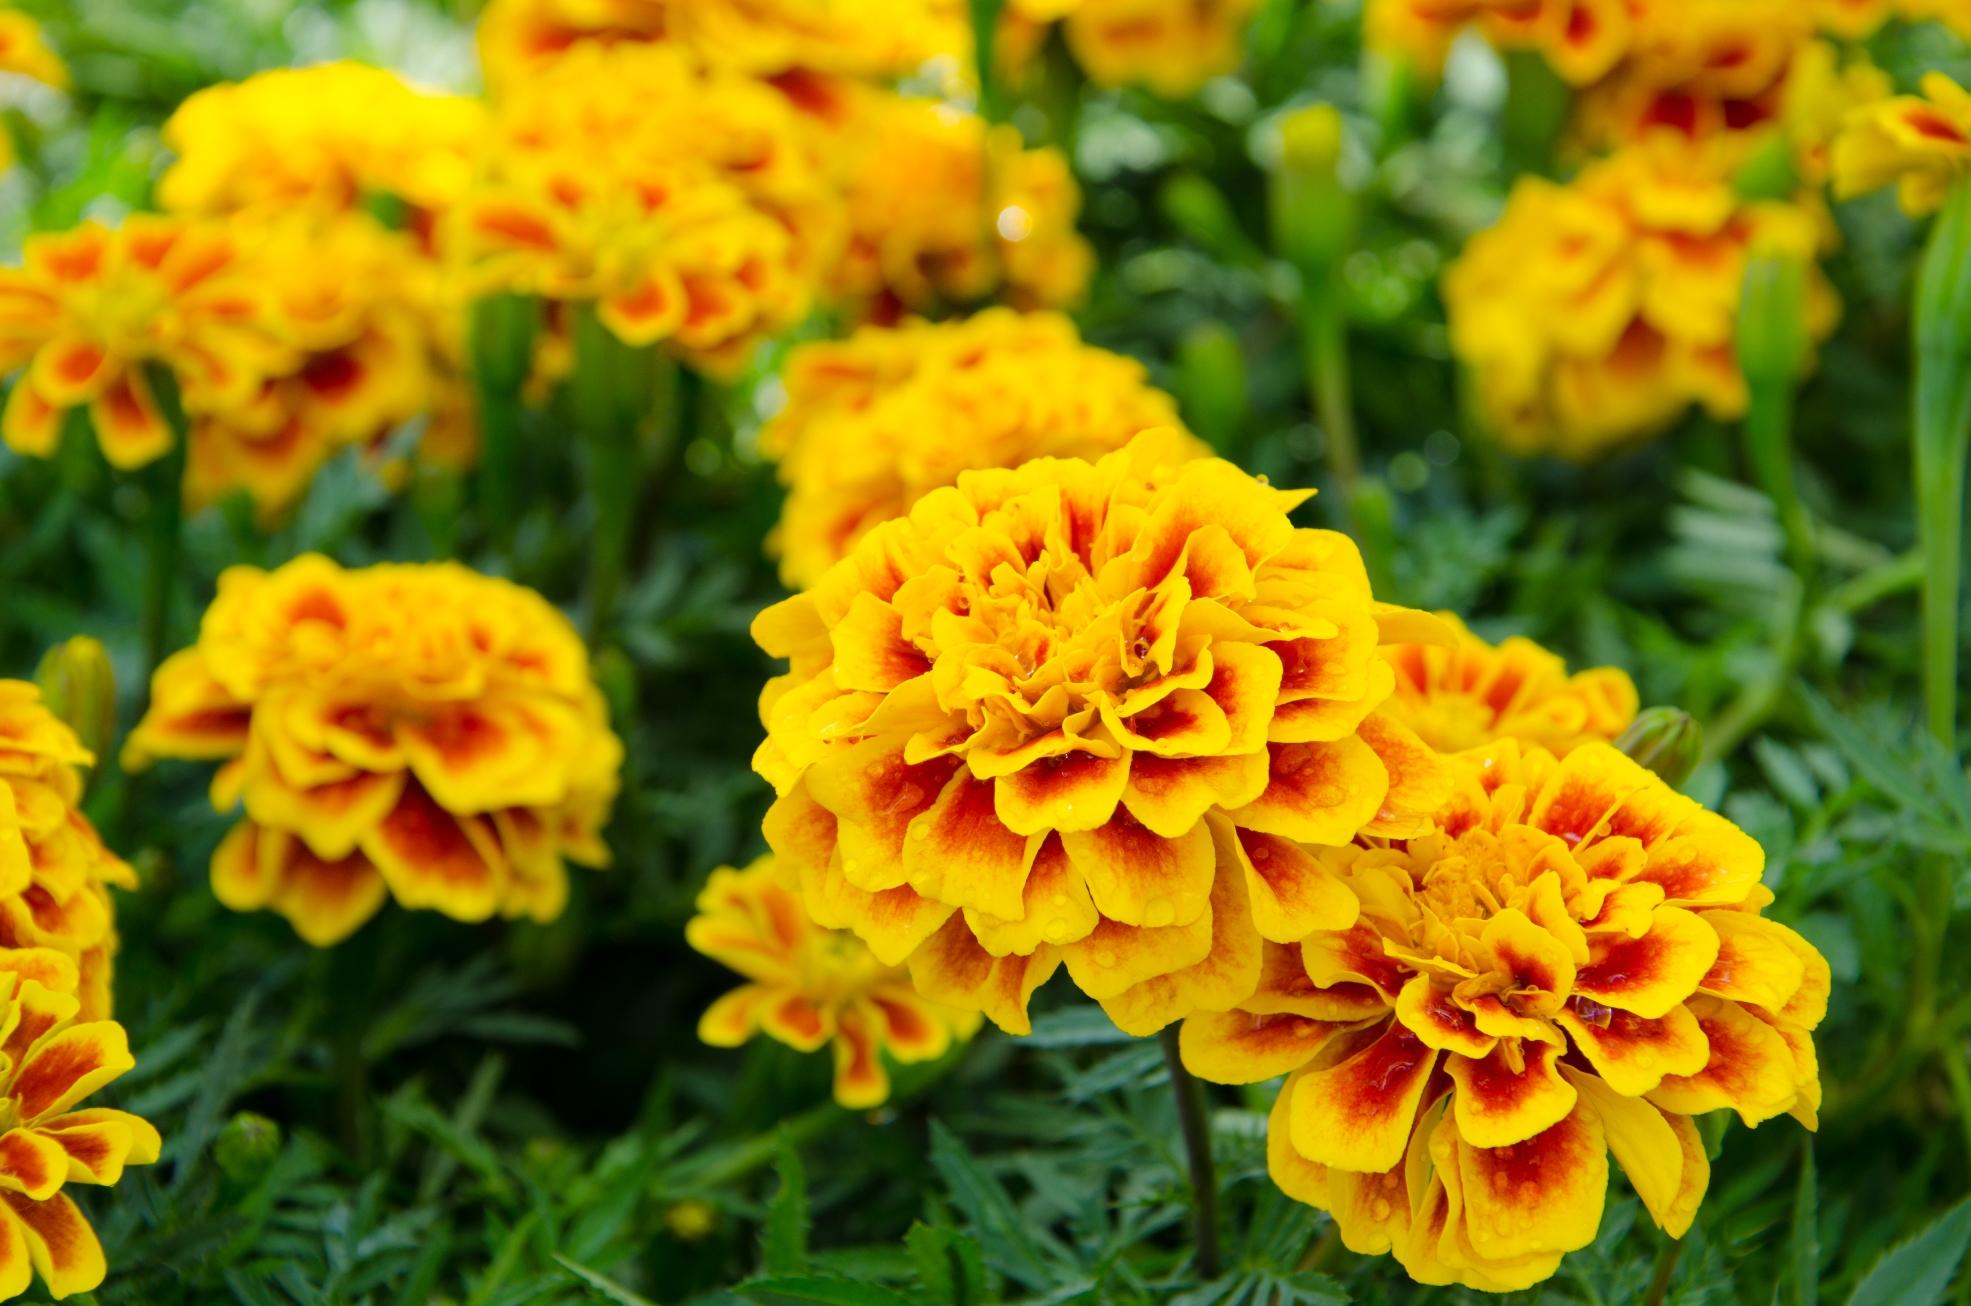 Tr s flores ideias para enfeitar a casa revista ecol gico - Flores que aguantan el sol ...